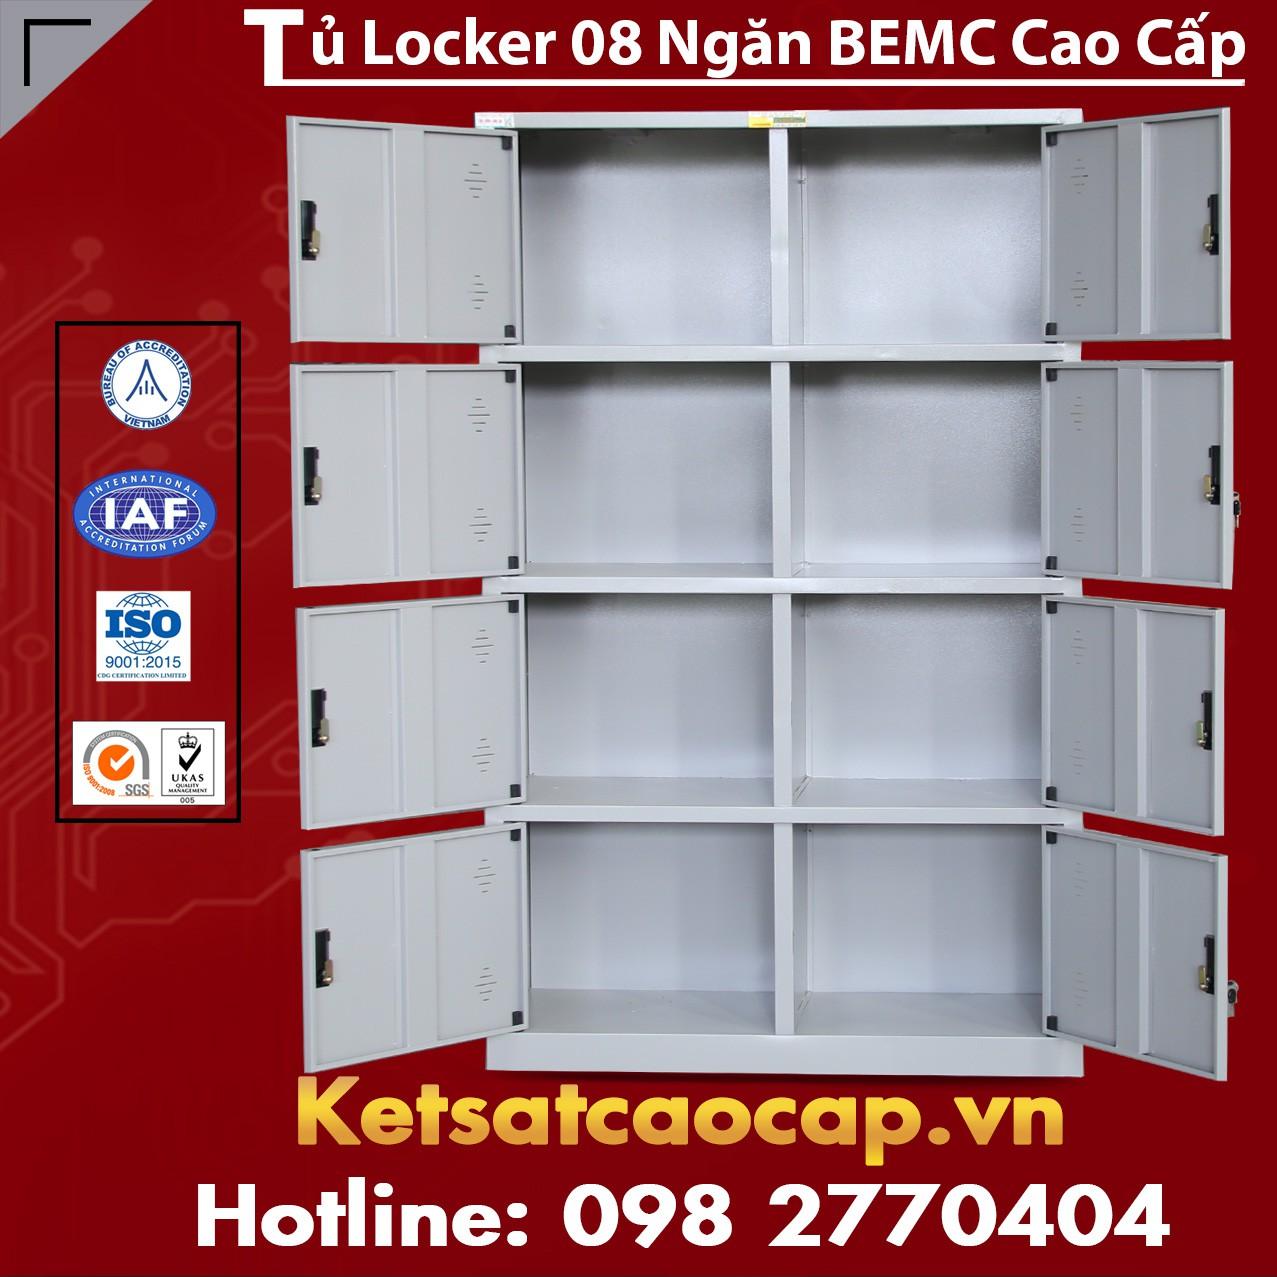 Tủ-Locker-Gia-Re